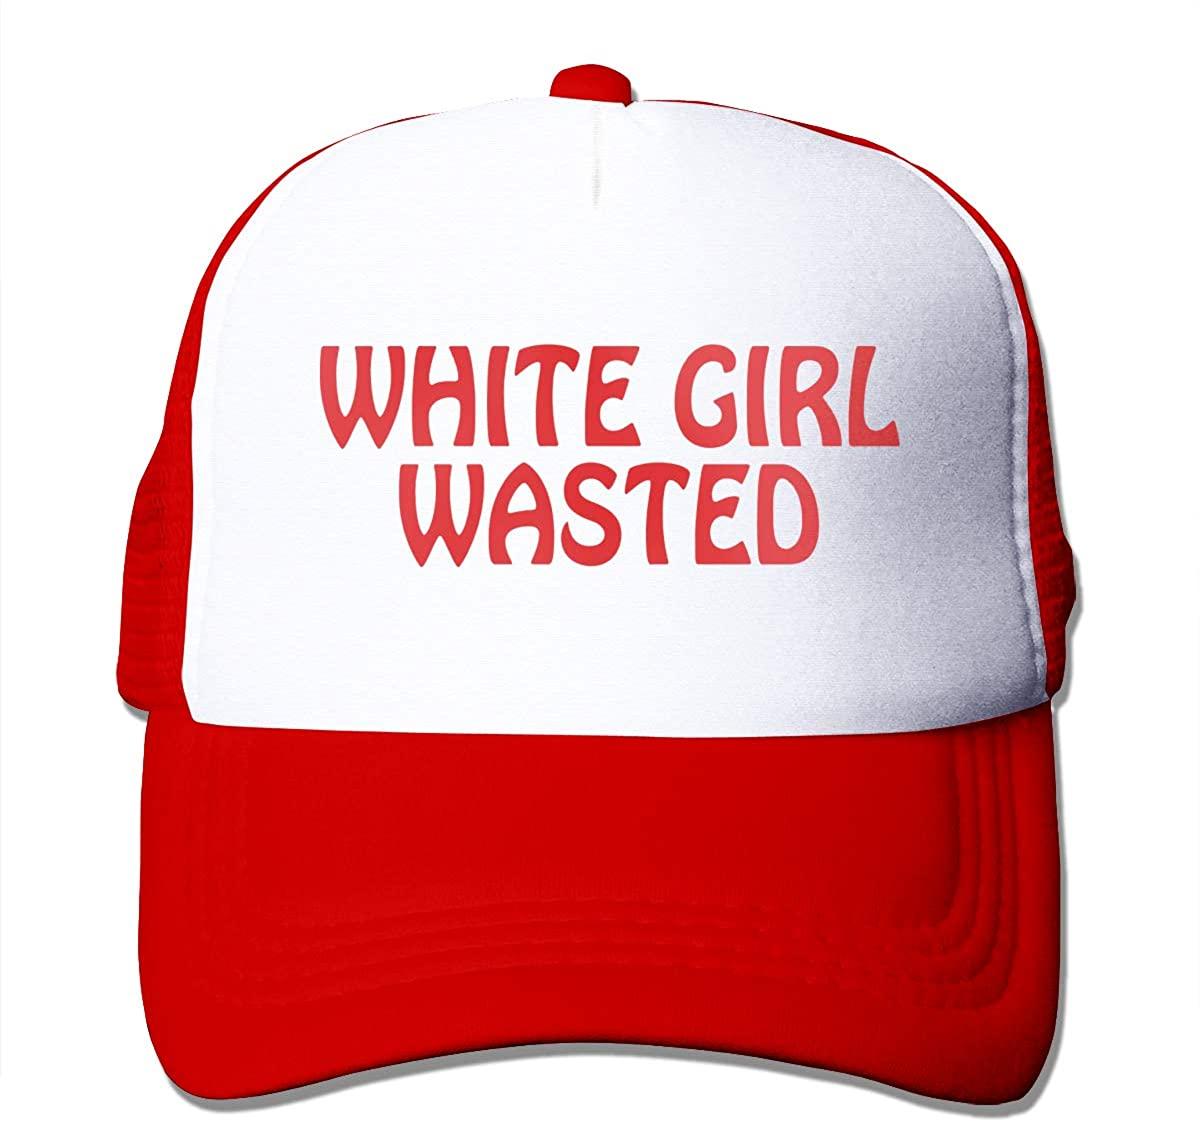 antkondnm White Girl Wasted - Unisex Adult Trucker Cap Hat